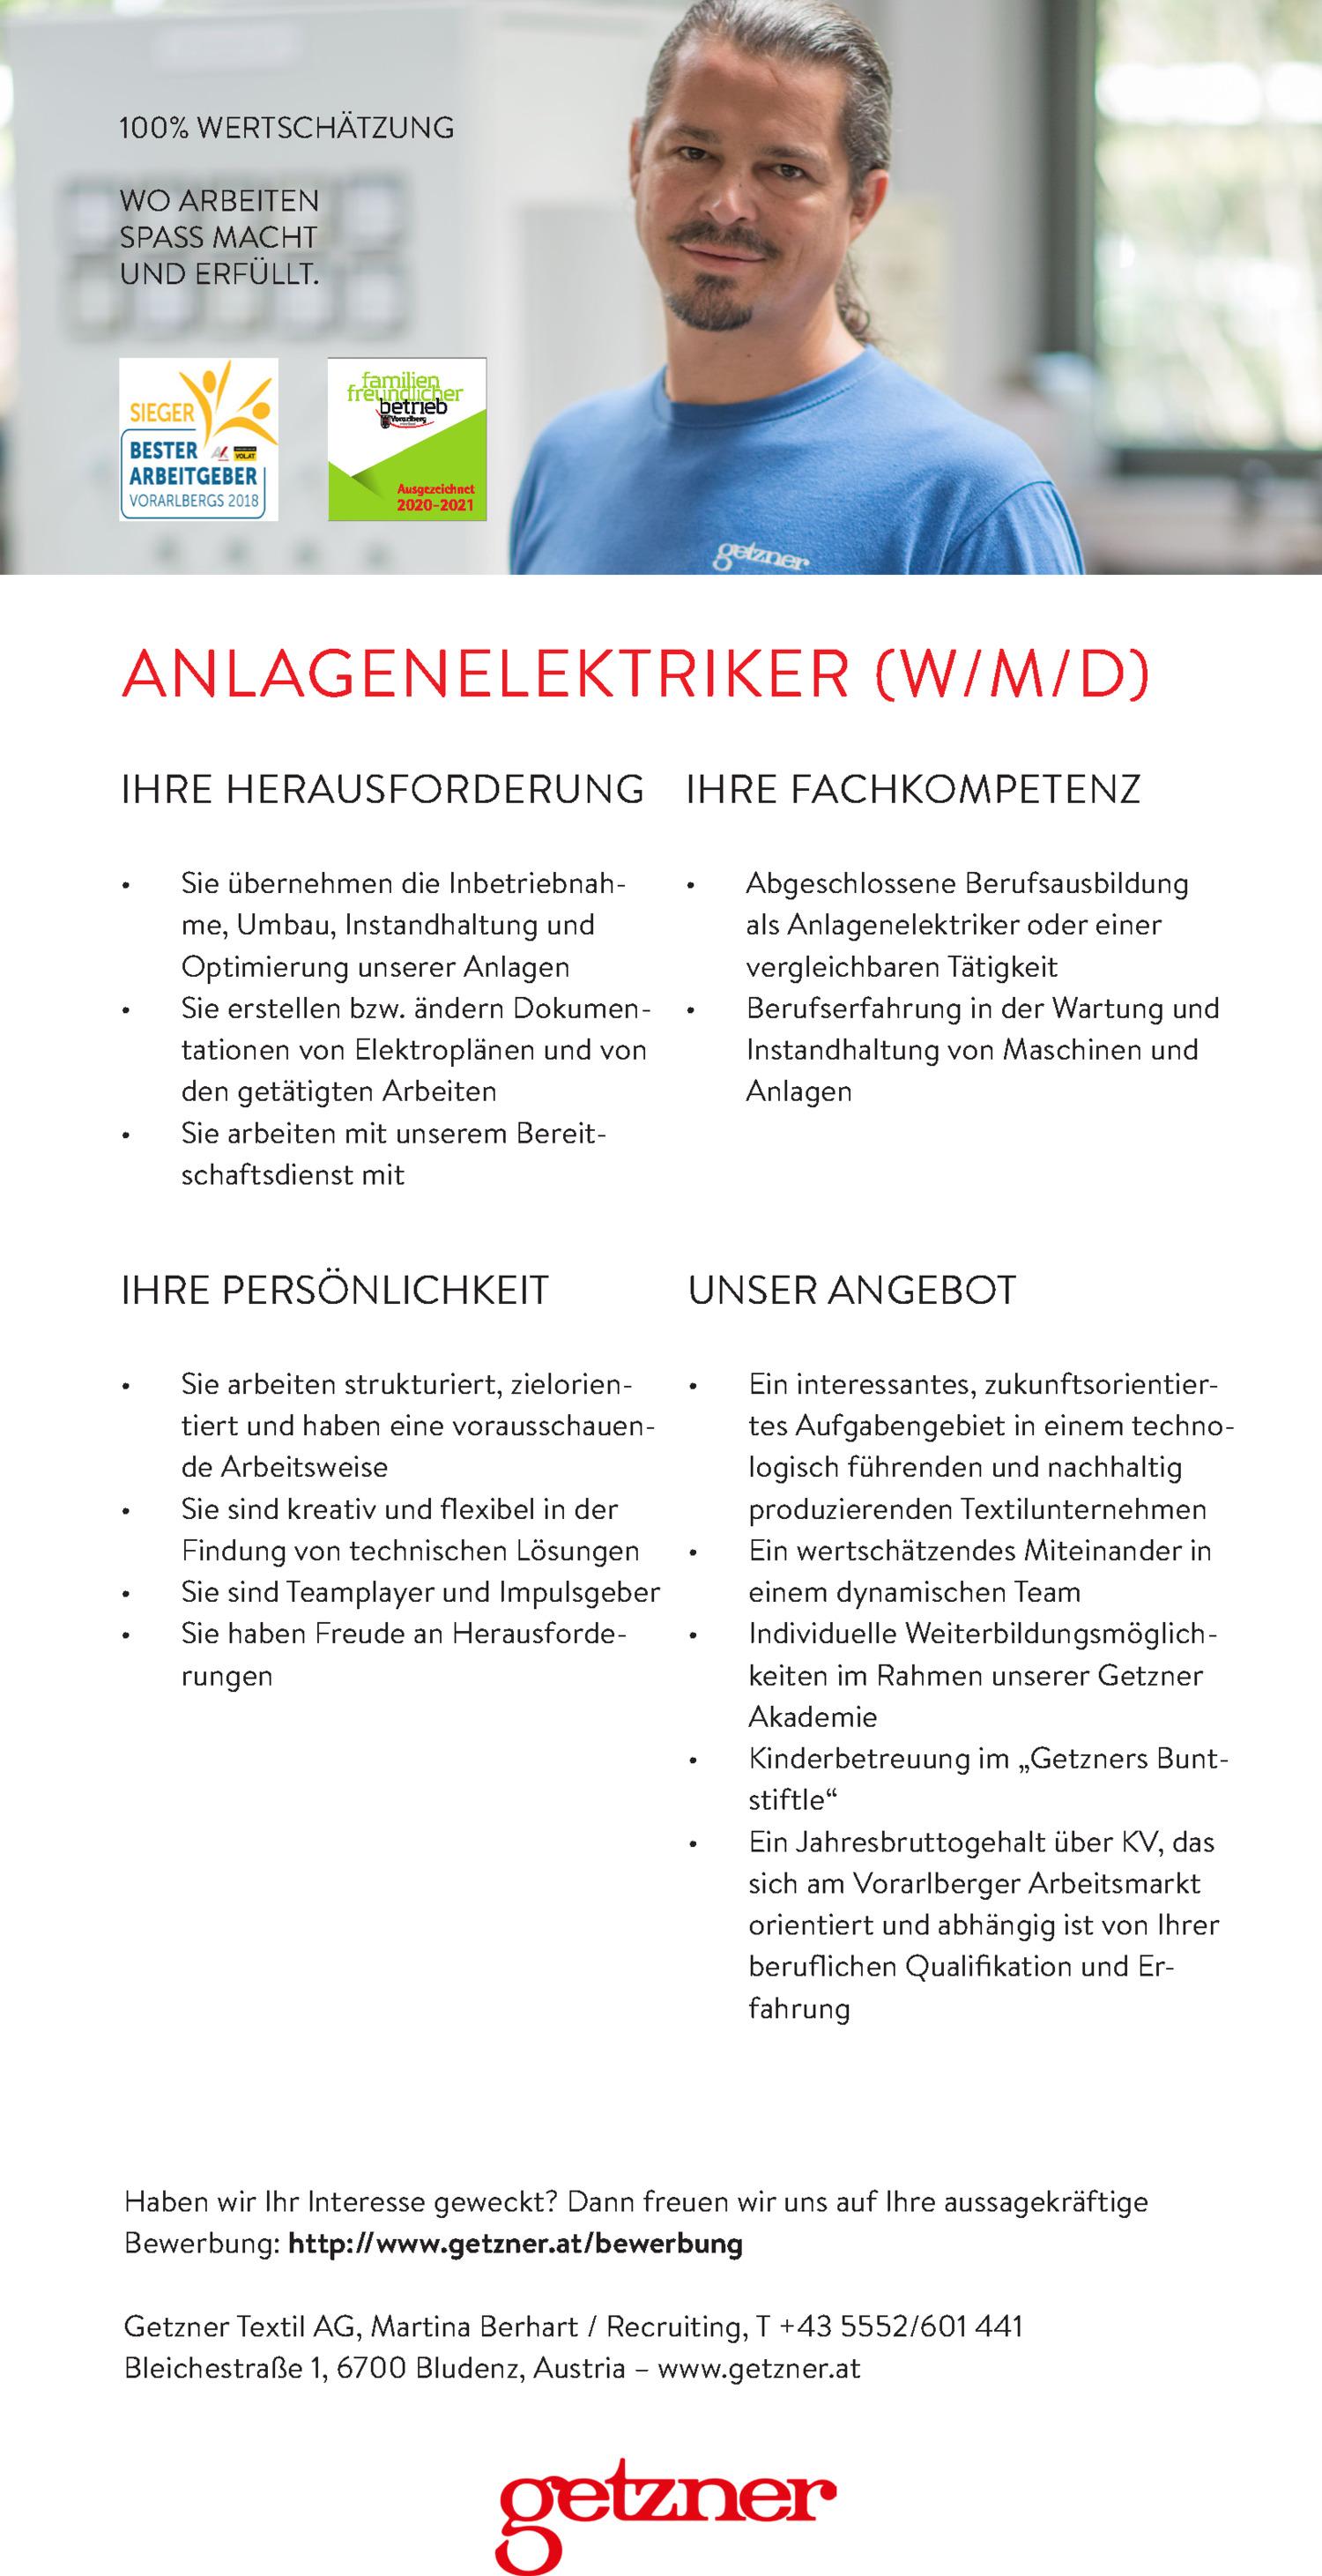 Inserat ANLAGENELEKTRIKER (W/M/D)